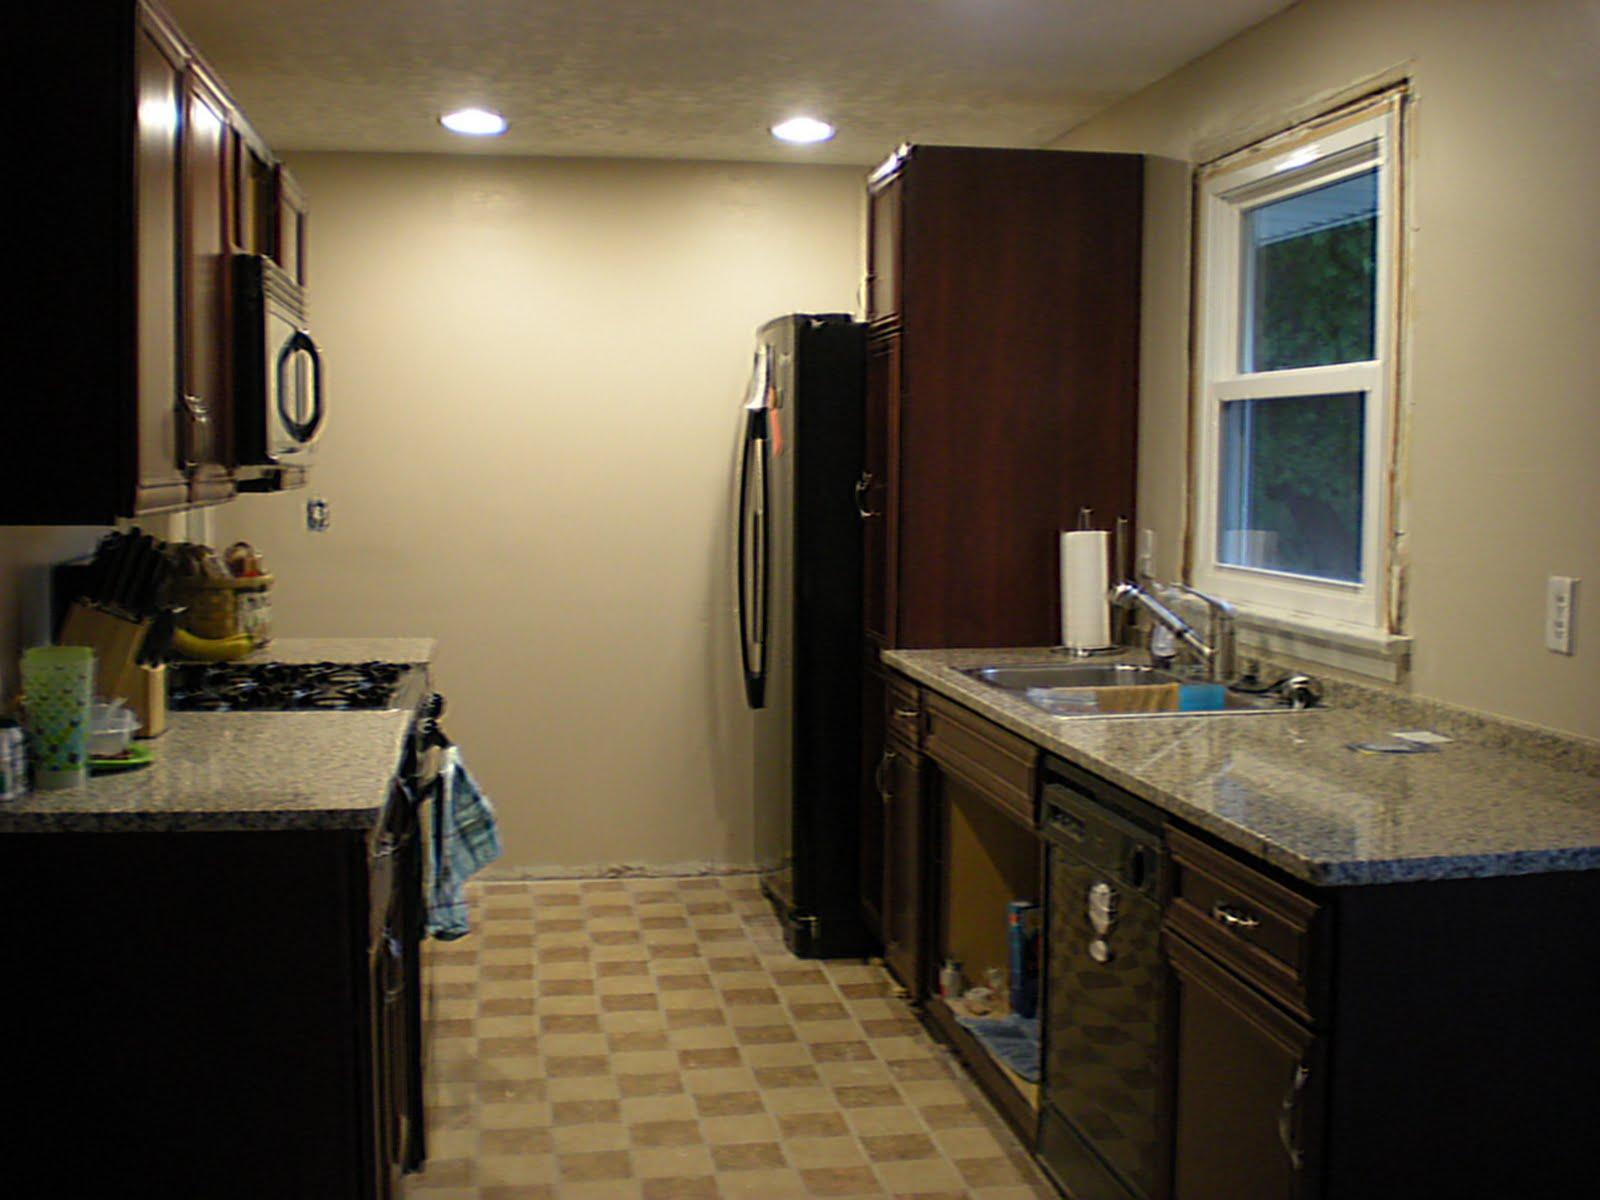 Kitchen Remodel Progress + Aug 1 Menu Plan